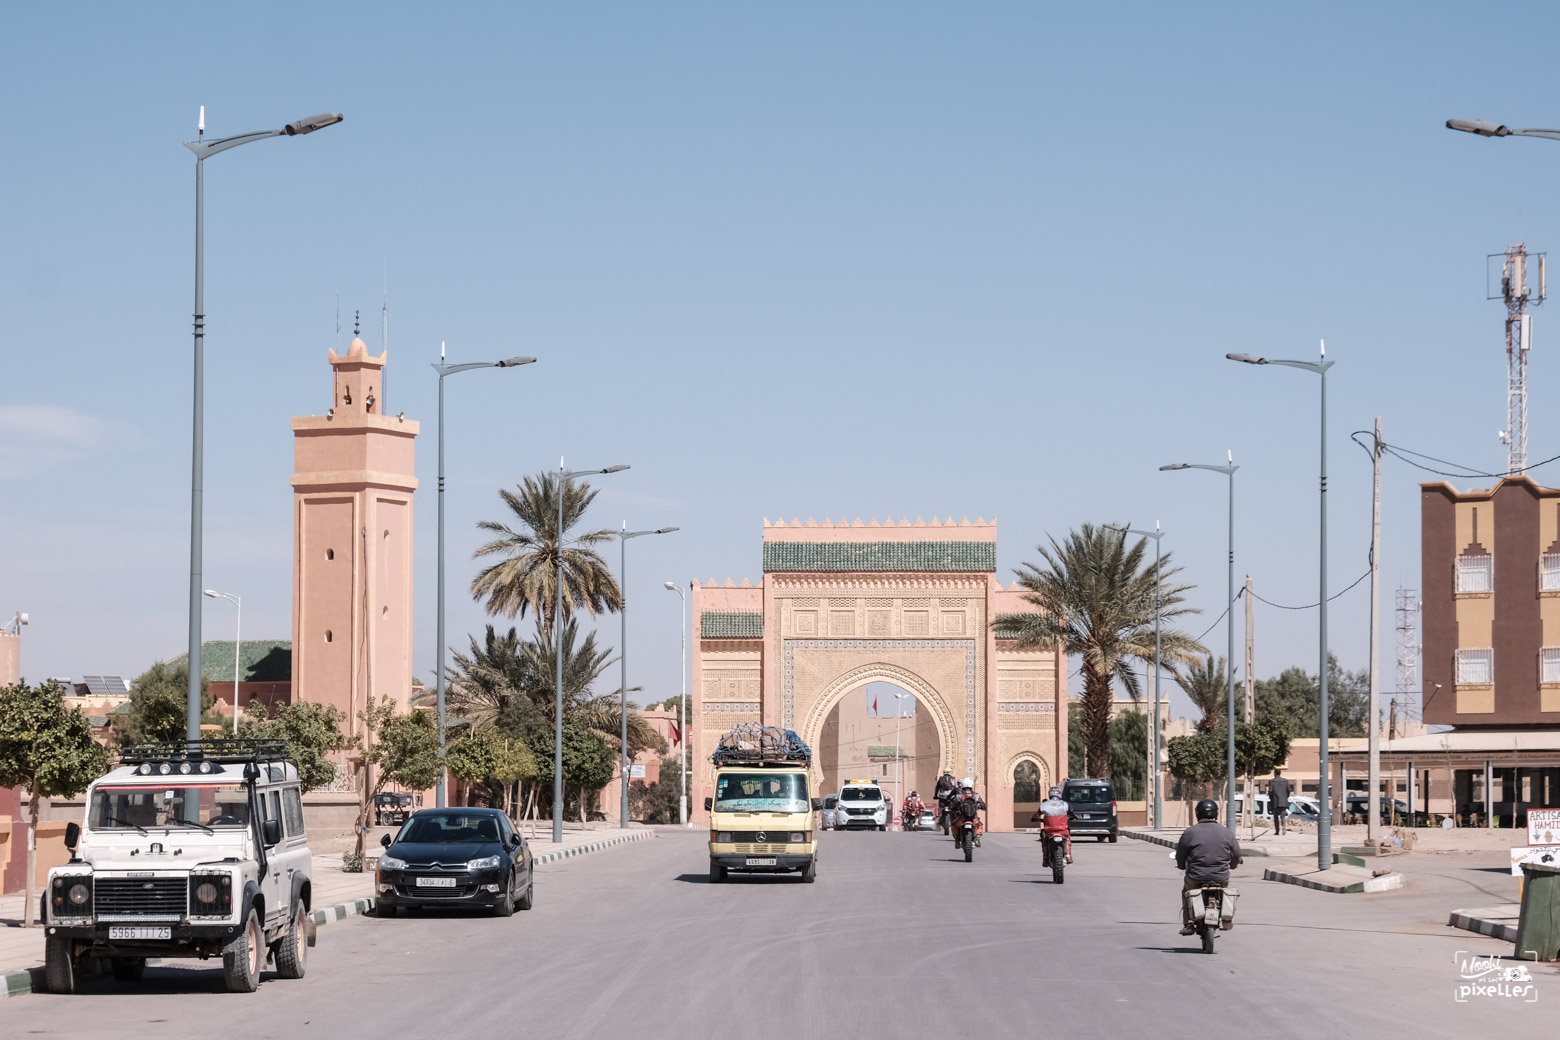 L'enrtrée de la ville de Risani au Maroc